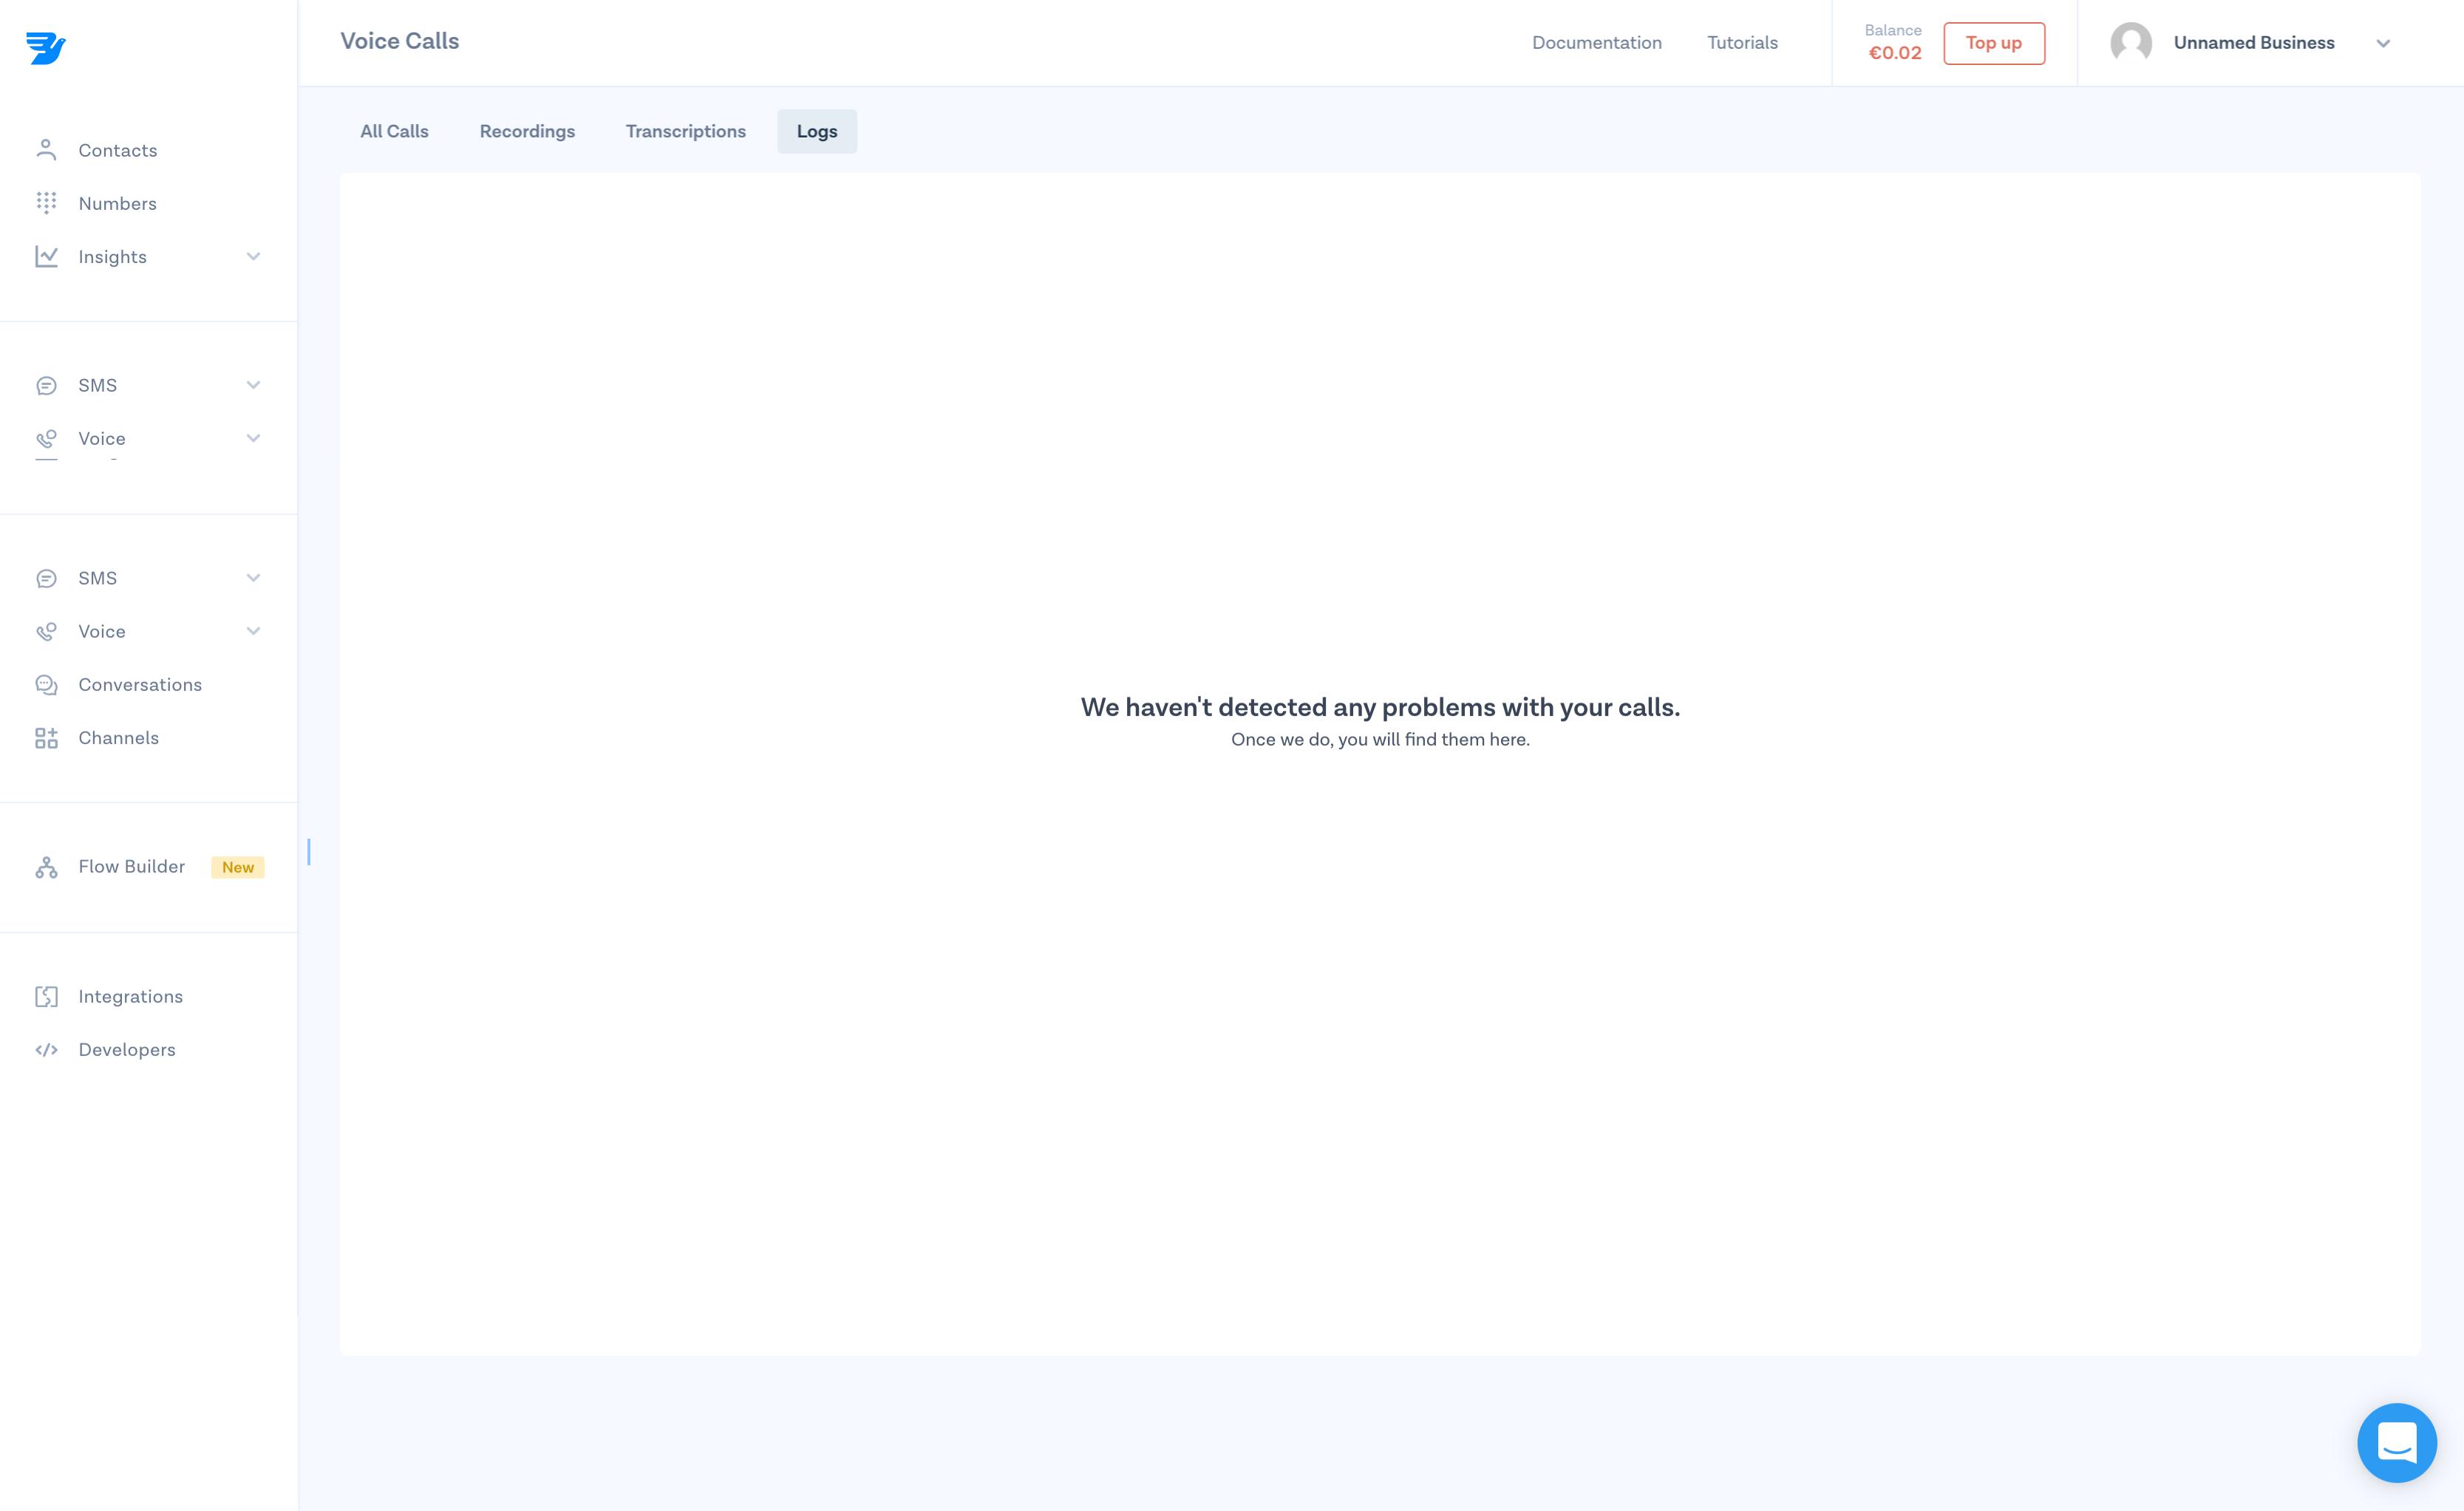 MessageBird for Developers